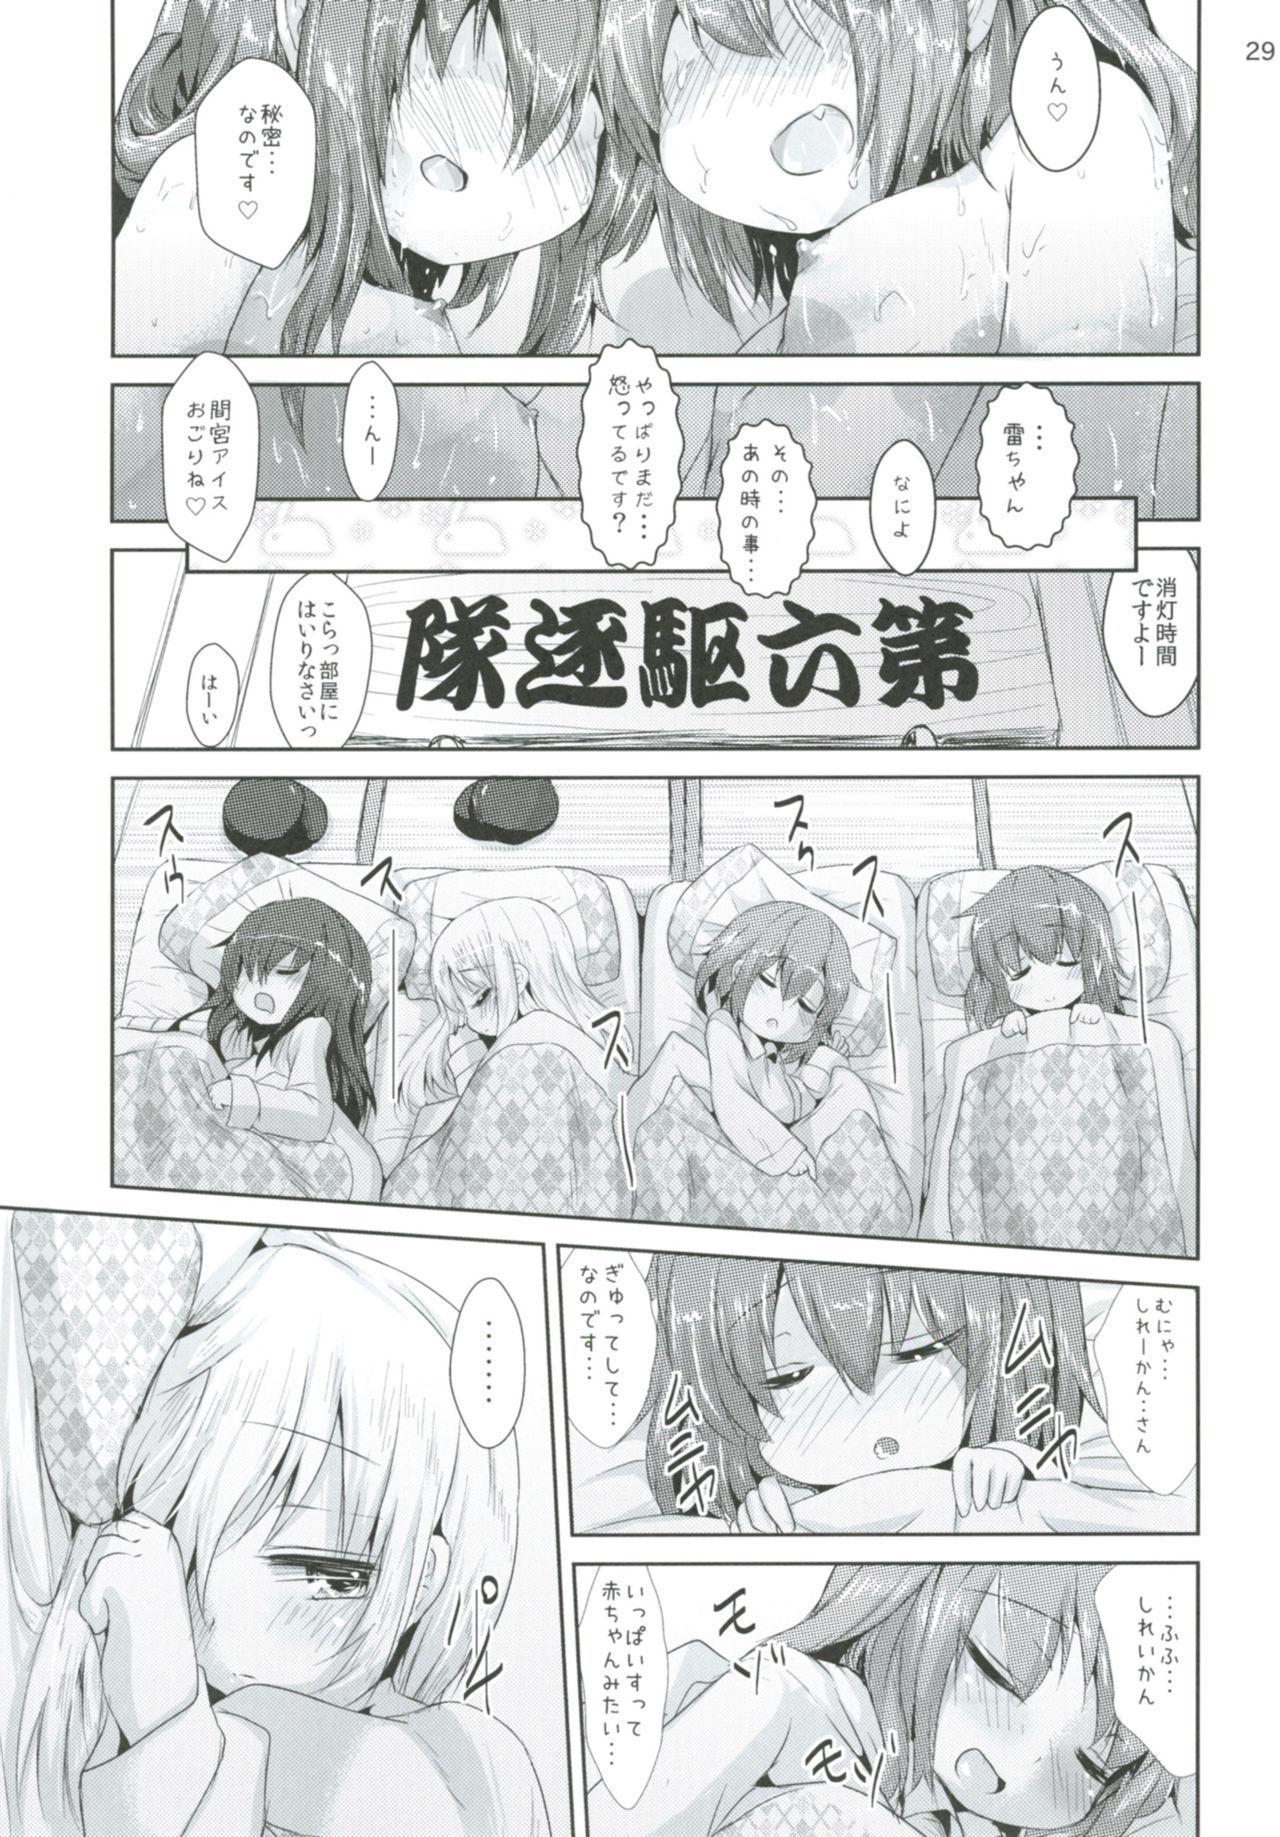 [Inyu-goya (Inyucchi)] Shireikan-san wa SexHara-san nano desu Matome (Kantai Collection -KanColle-) [Digital] 27